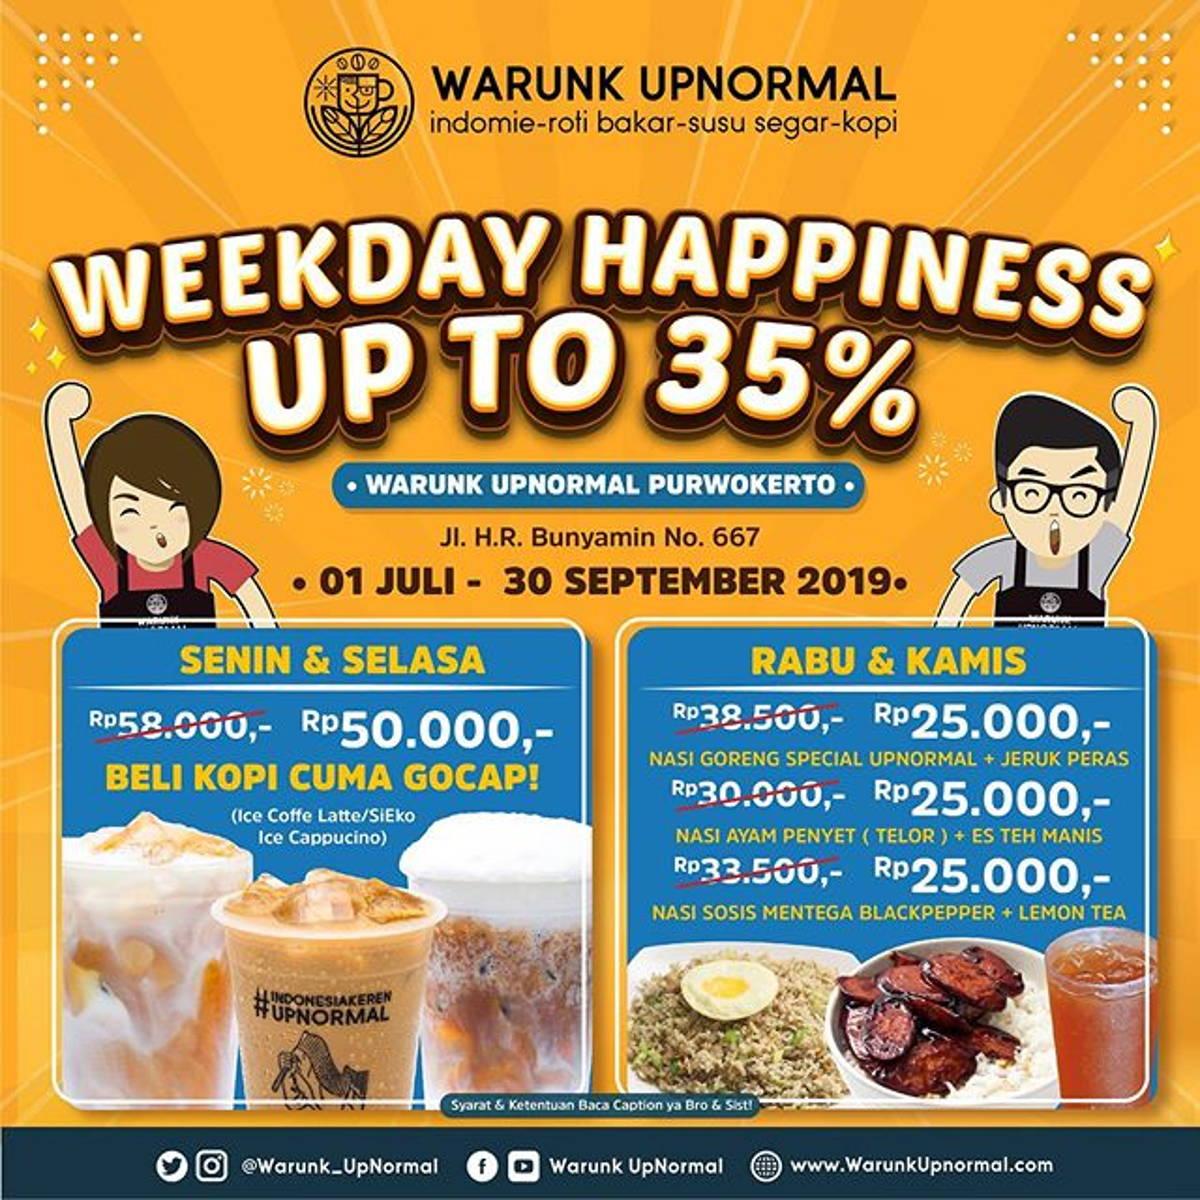 Katalog Promo: Warunk Upnormal Purwokerto: Promo WEEKDAY HAPPINES UP TO 35%! - 1